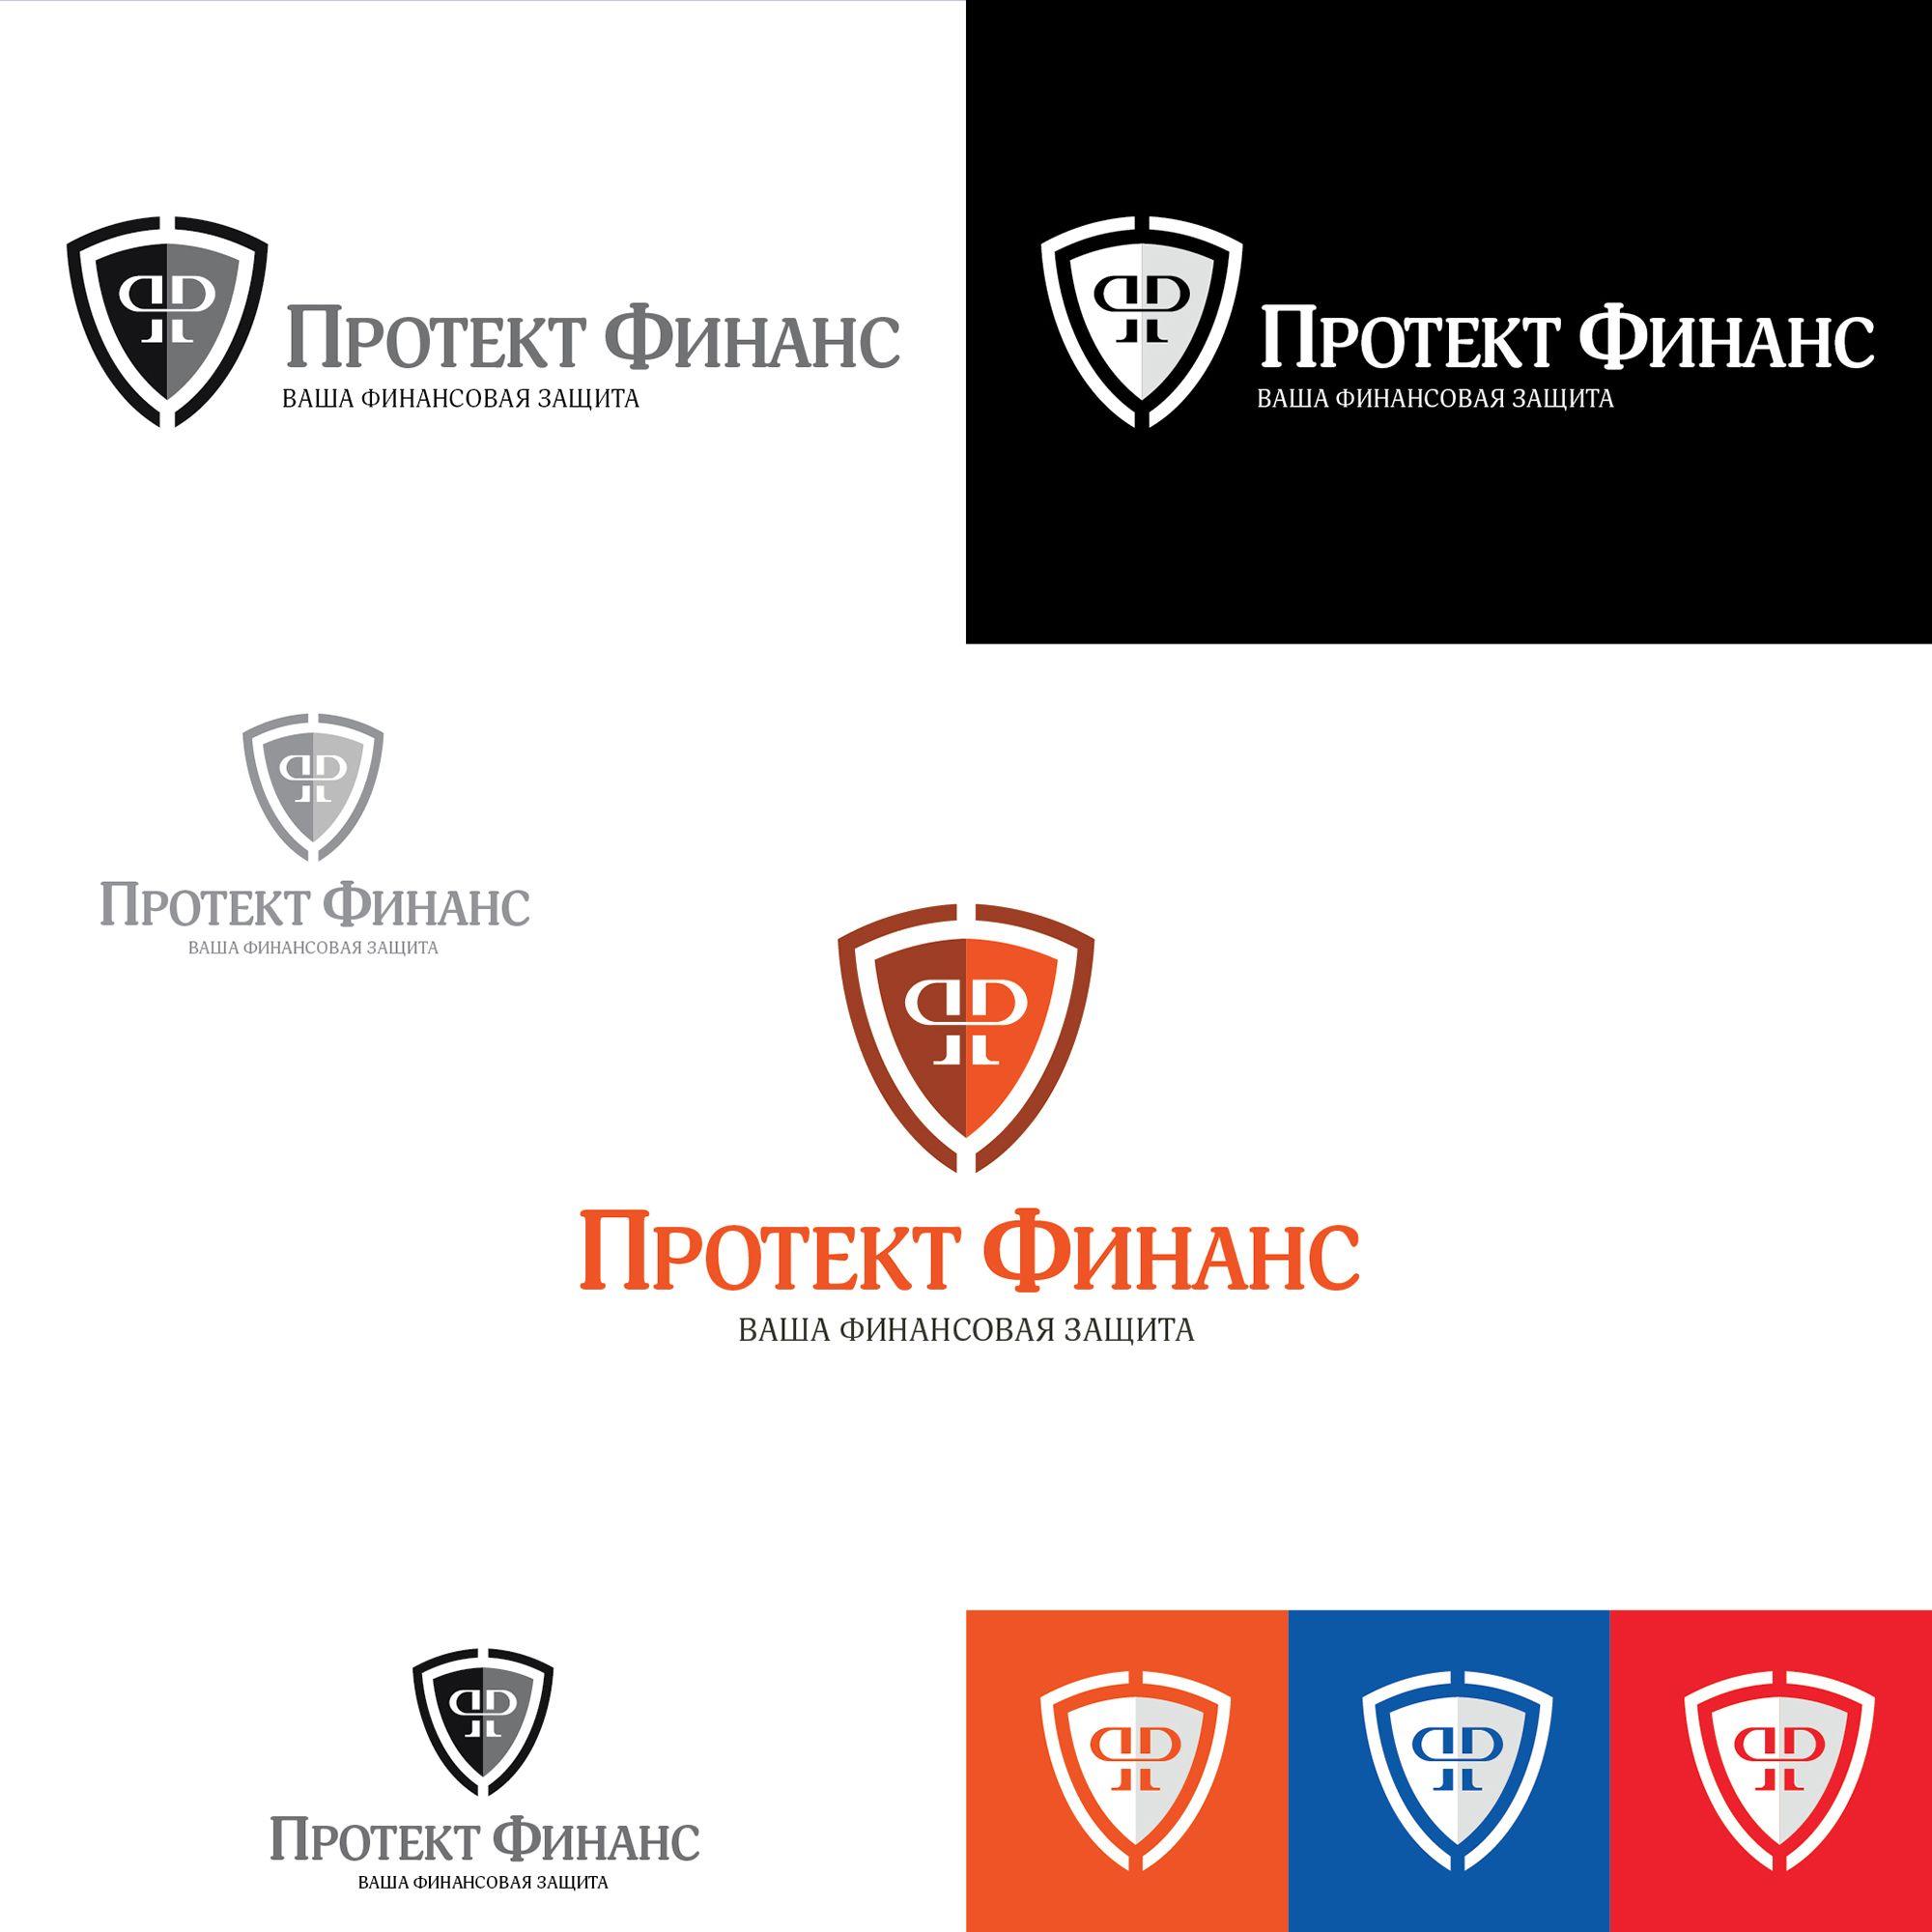 Фирм.стиль для ООО МФО «Протект Финанс» - дизайнер vadimsoloviev